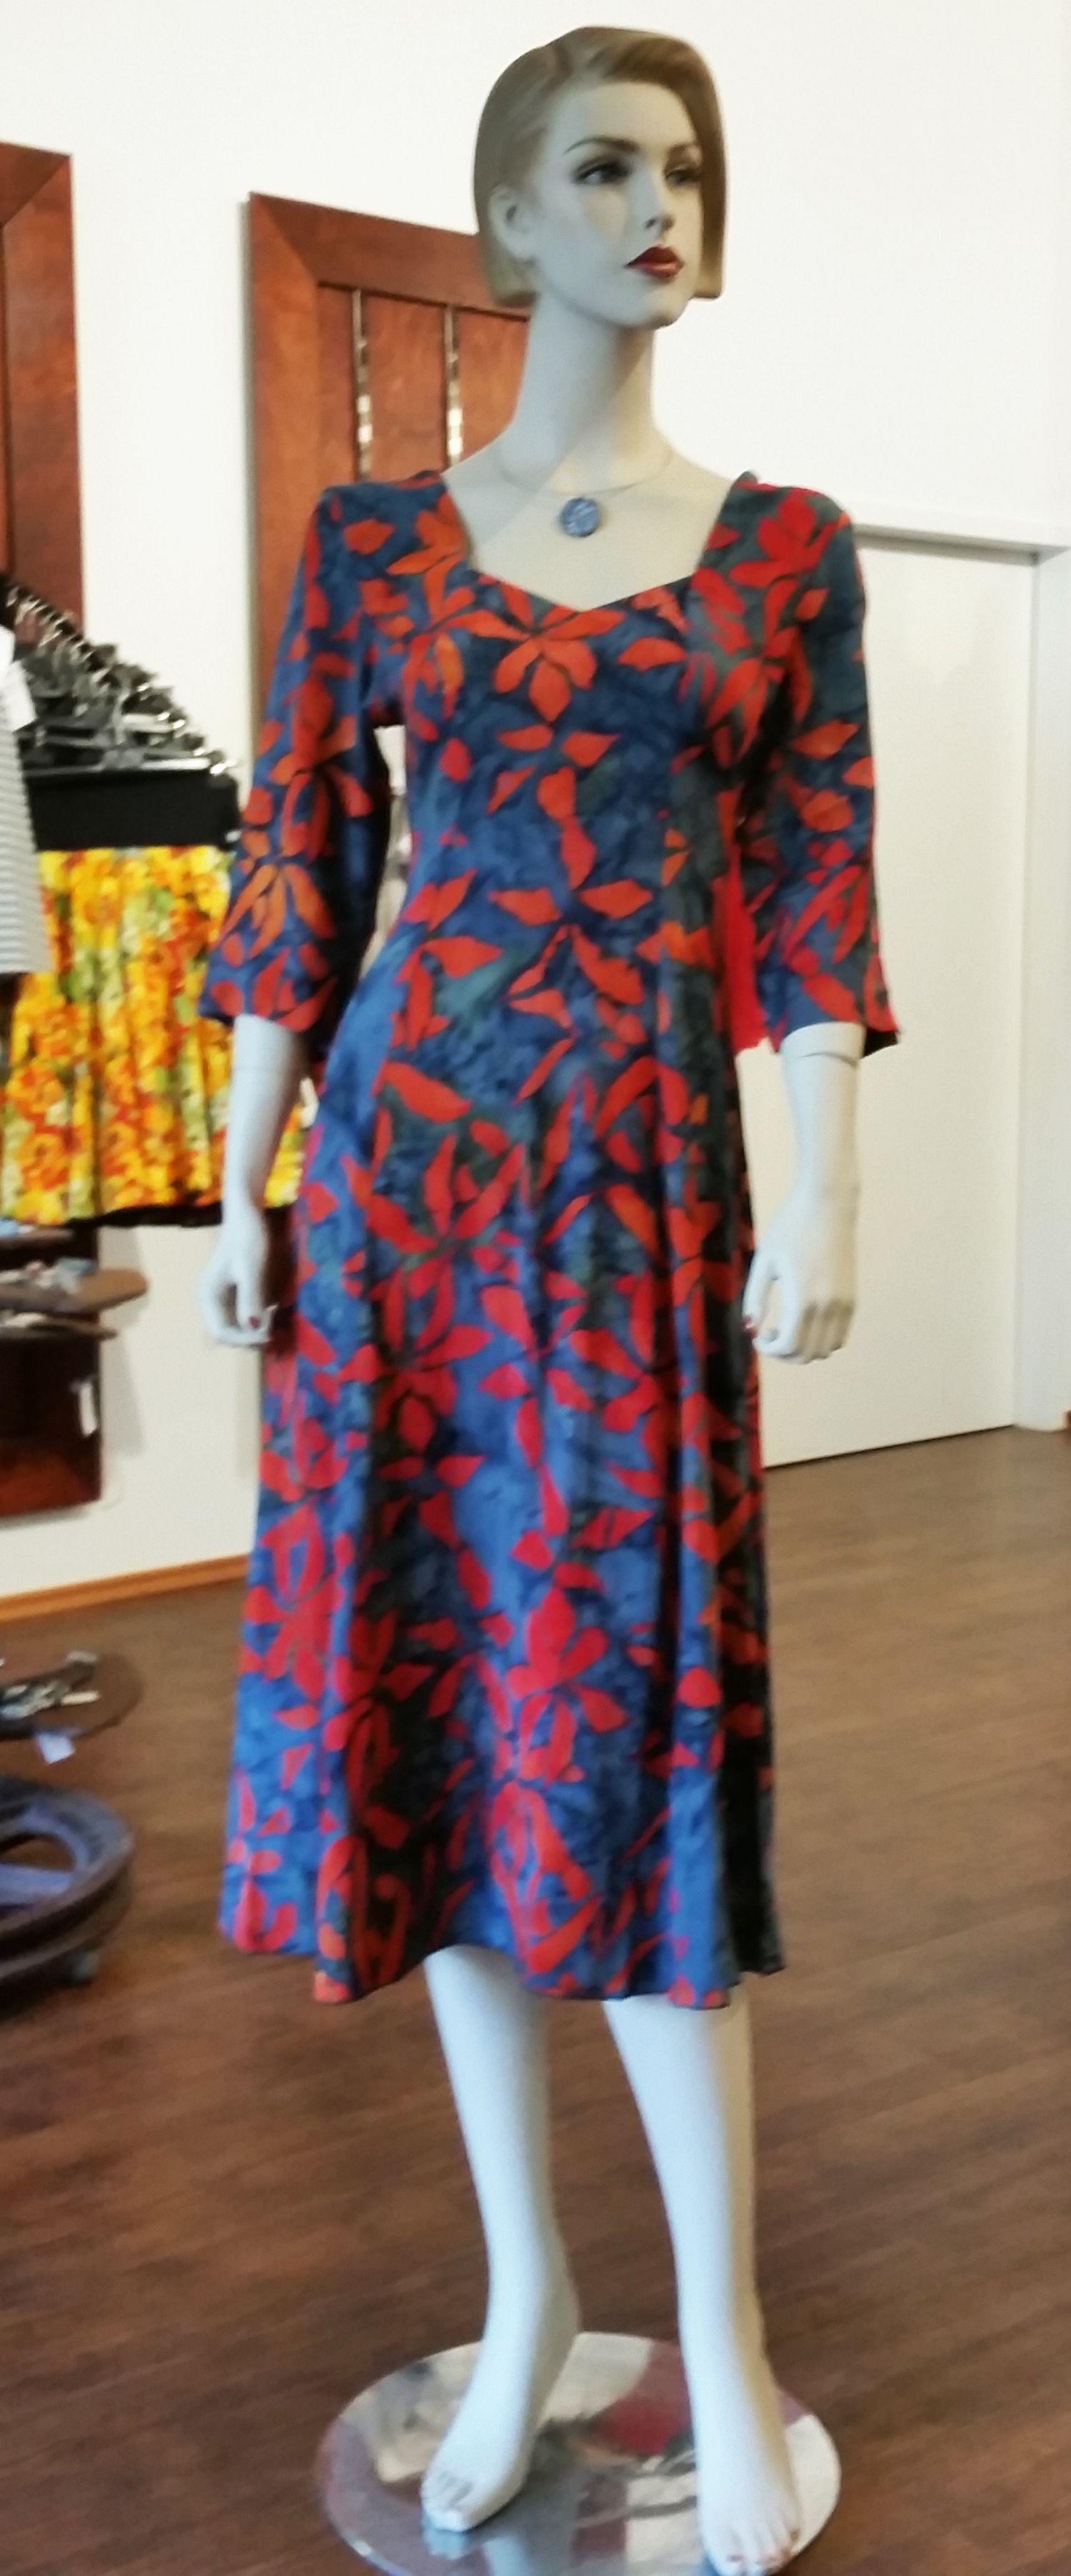 Maxikleid von Campur mit 3/4 Arm. Farbenfrohe Sommerkleider aus Viskose luftig, leicht, super bequem.